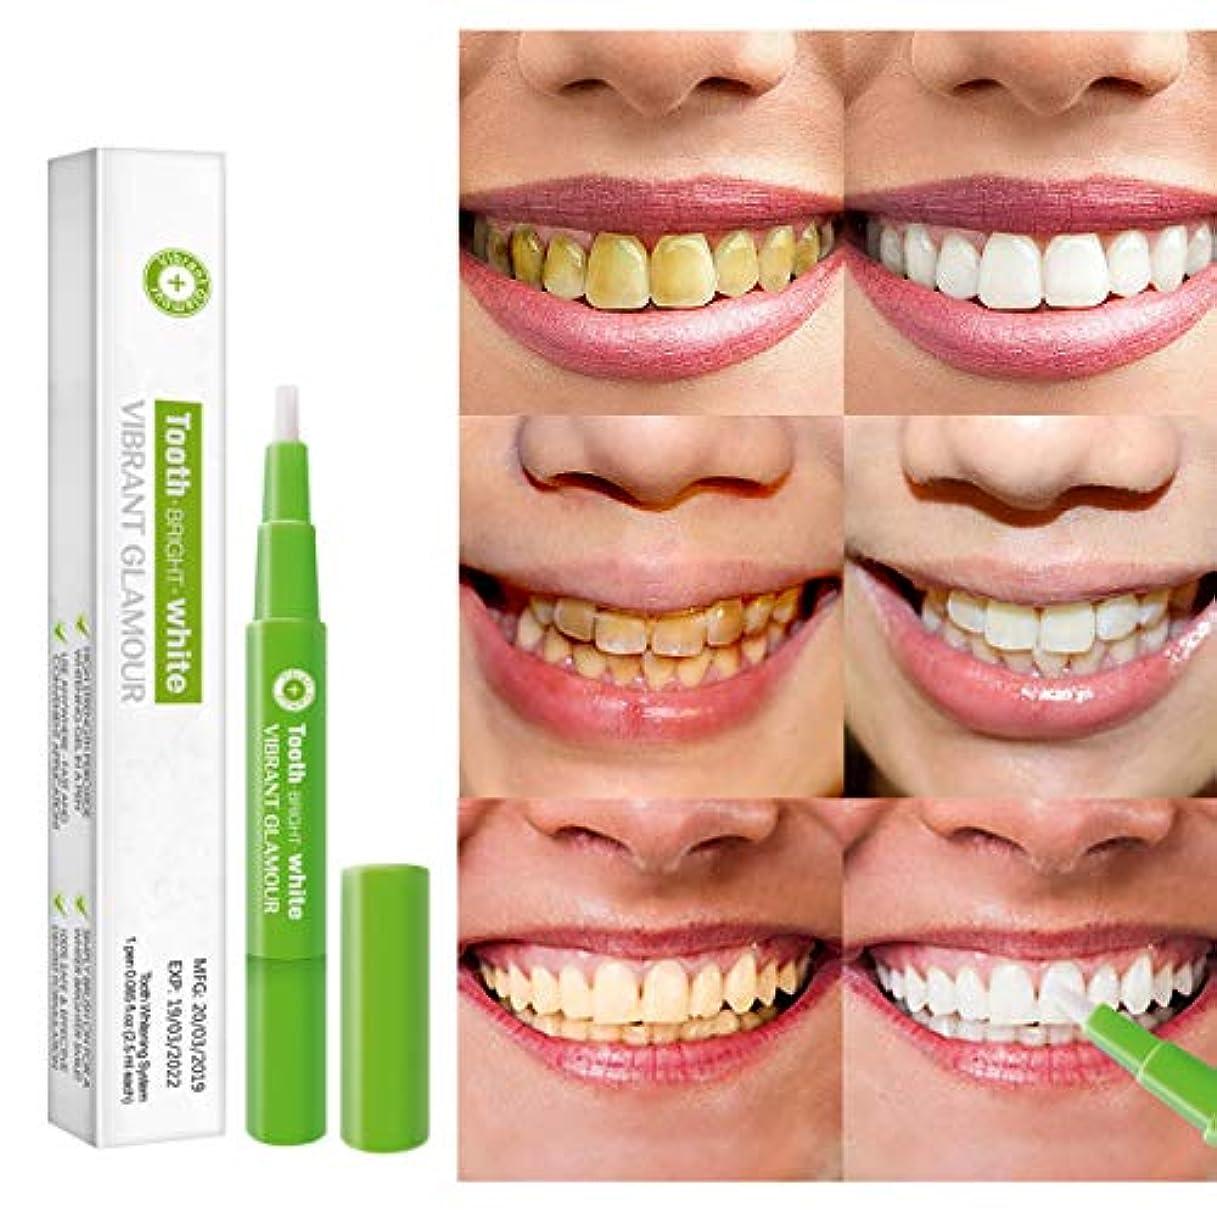 カップ乏しい確立Falshyvuk 歯の漂白剤 ホワイトニングペンミントの成分安全性 歯の白い漂白剤 携帯便利 瞬間汚れ消しゴムリムーバー 美白ゲル デンタルケア (3g)